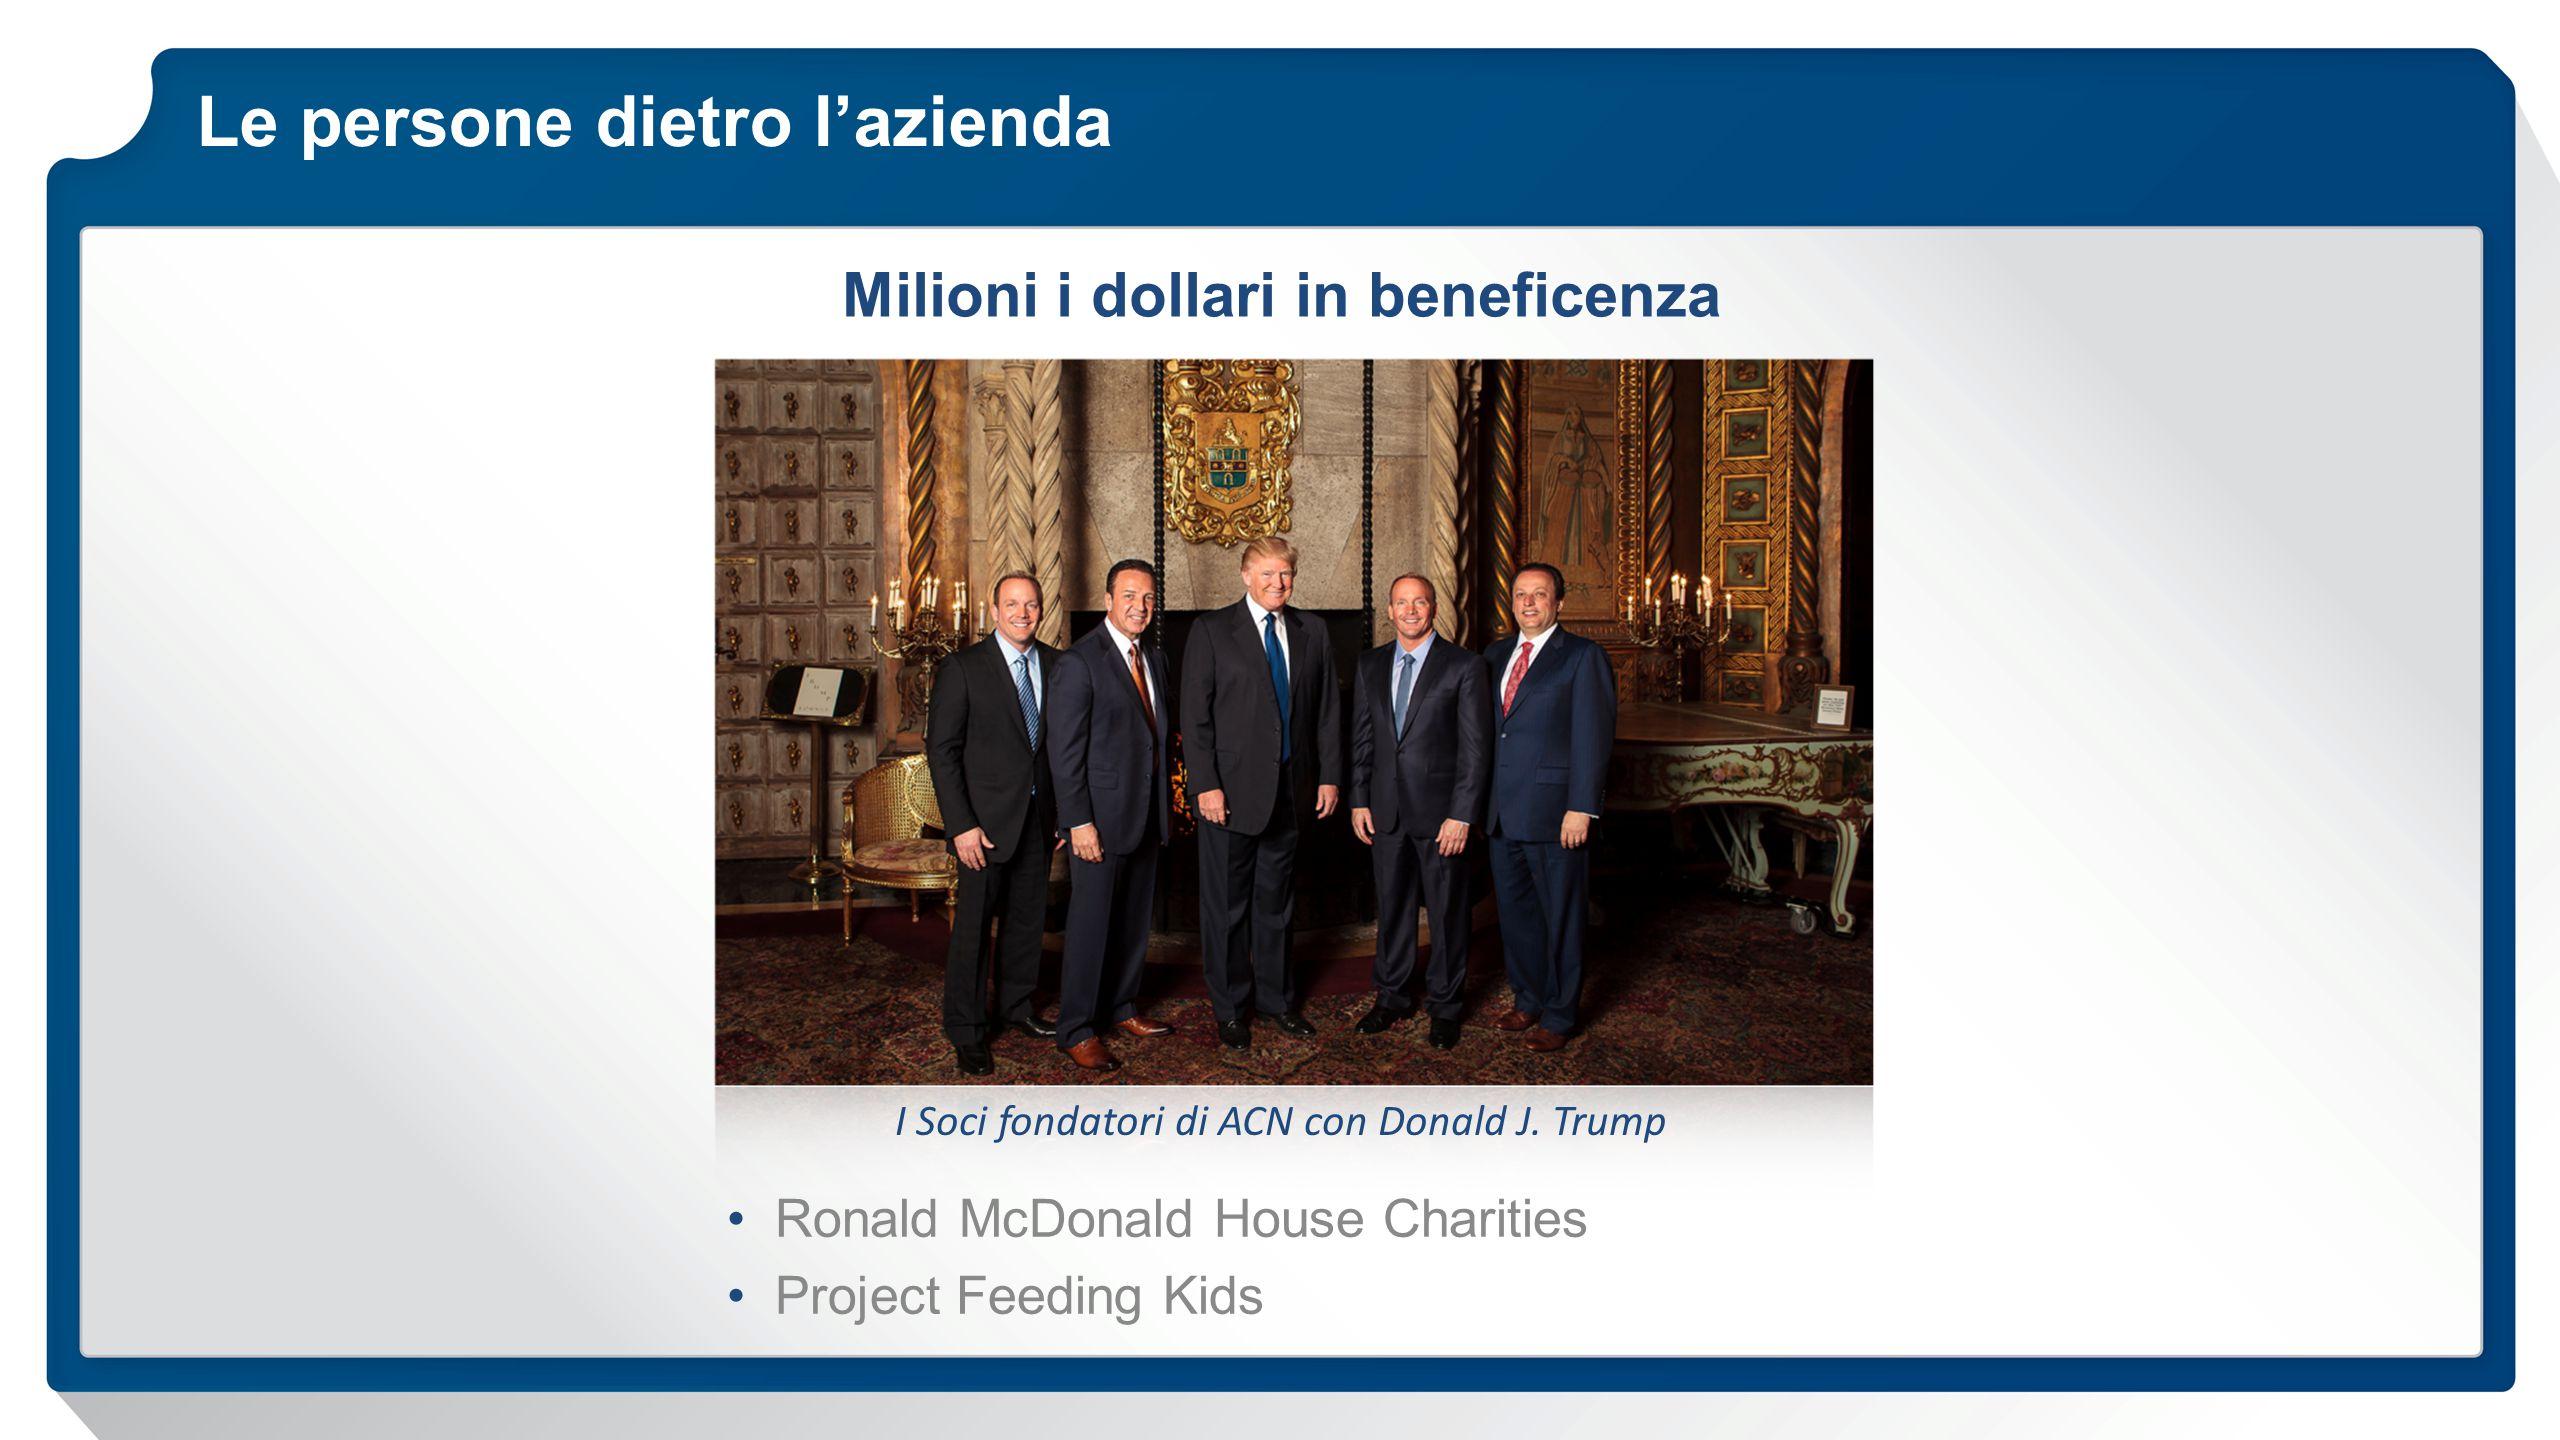 Le persone dietro l'azienda Ronald McDonald House Charities Project Feeding Kids Milioni i dollari in beneficenza I Soci fondatori di ACN con Donald J